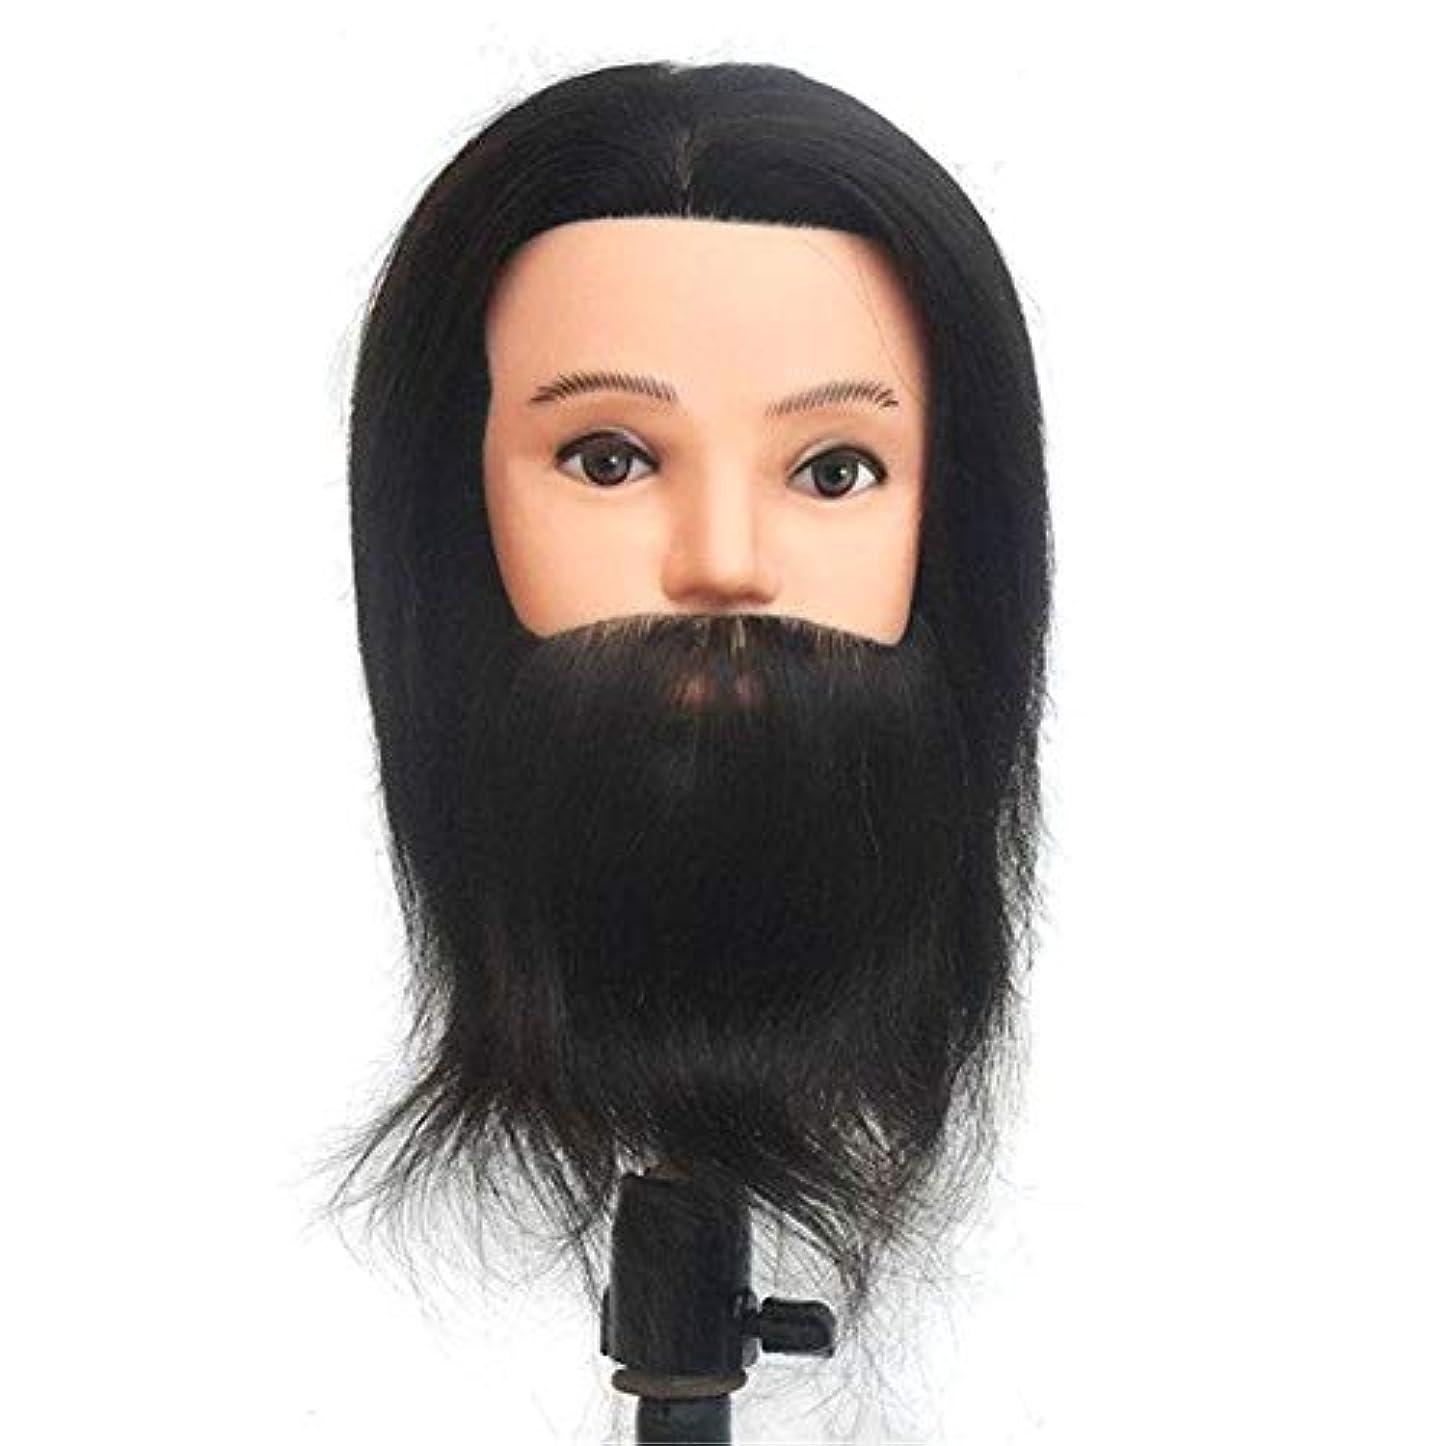 のぞき見ブラウザ権威リアル人間の髪トレーニングヘッドパーマ髪モデル髪染め理髪ダミーヘッドトリミングひげ学習ヘッドモデル